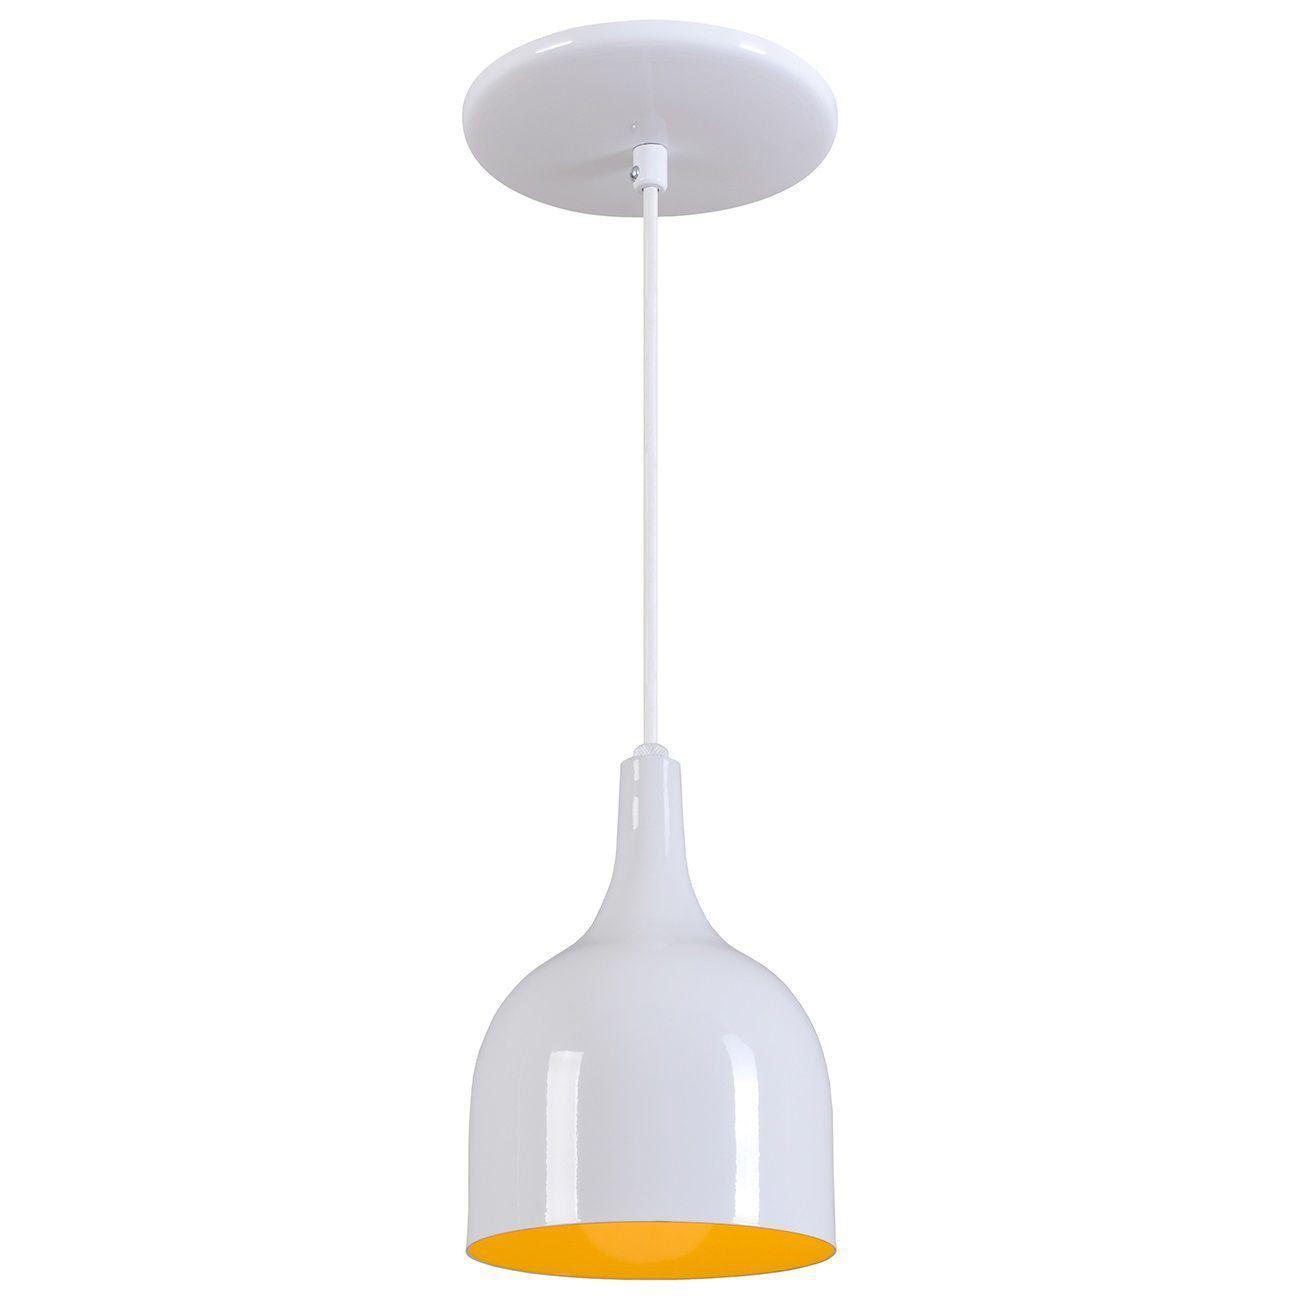 Pendente Gota Teat Luminária Lustre Alumínio Branco Brilhante C/ Amarelo - Rei Da Iluminação